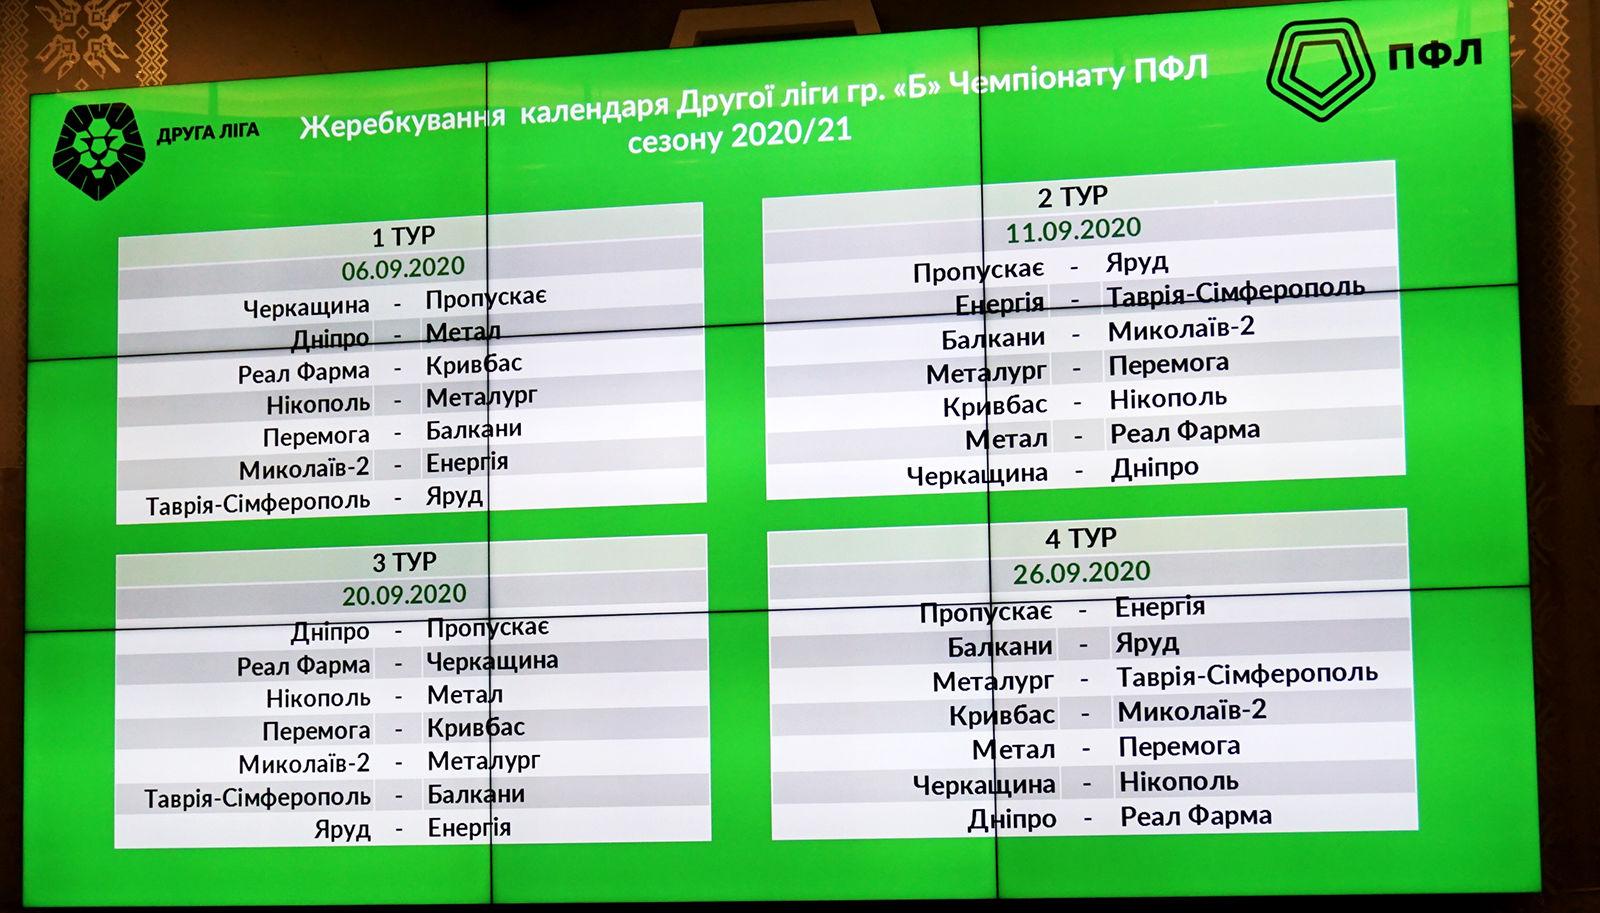 Відбулося жеребкування календаря Другої ліги сезону 2020/21 - изображение 2